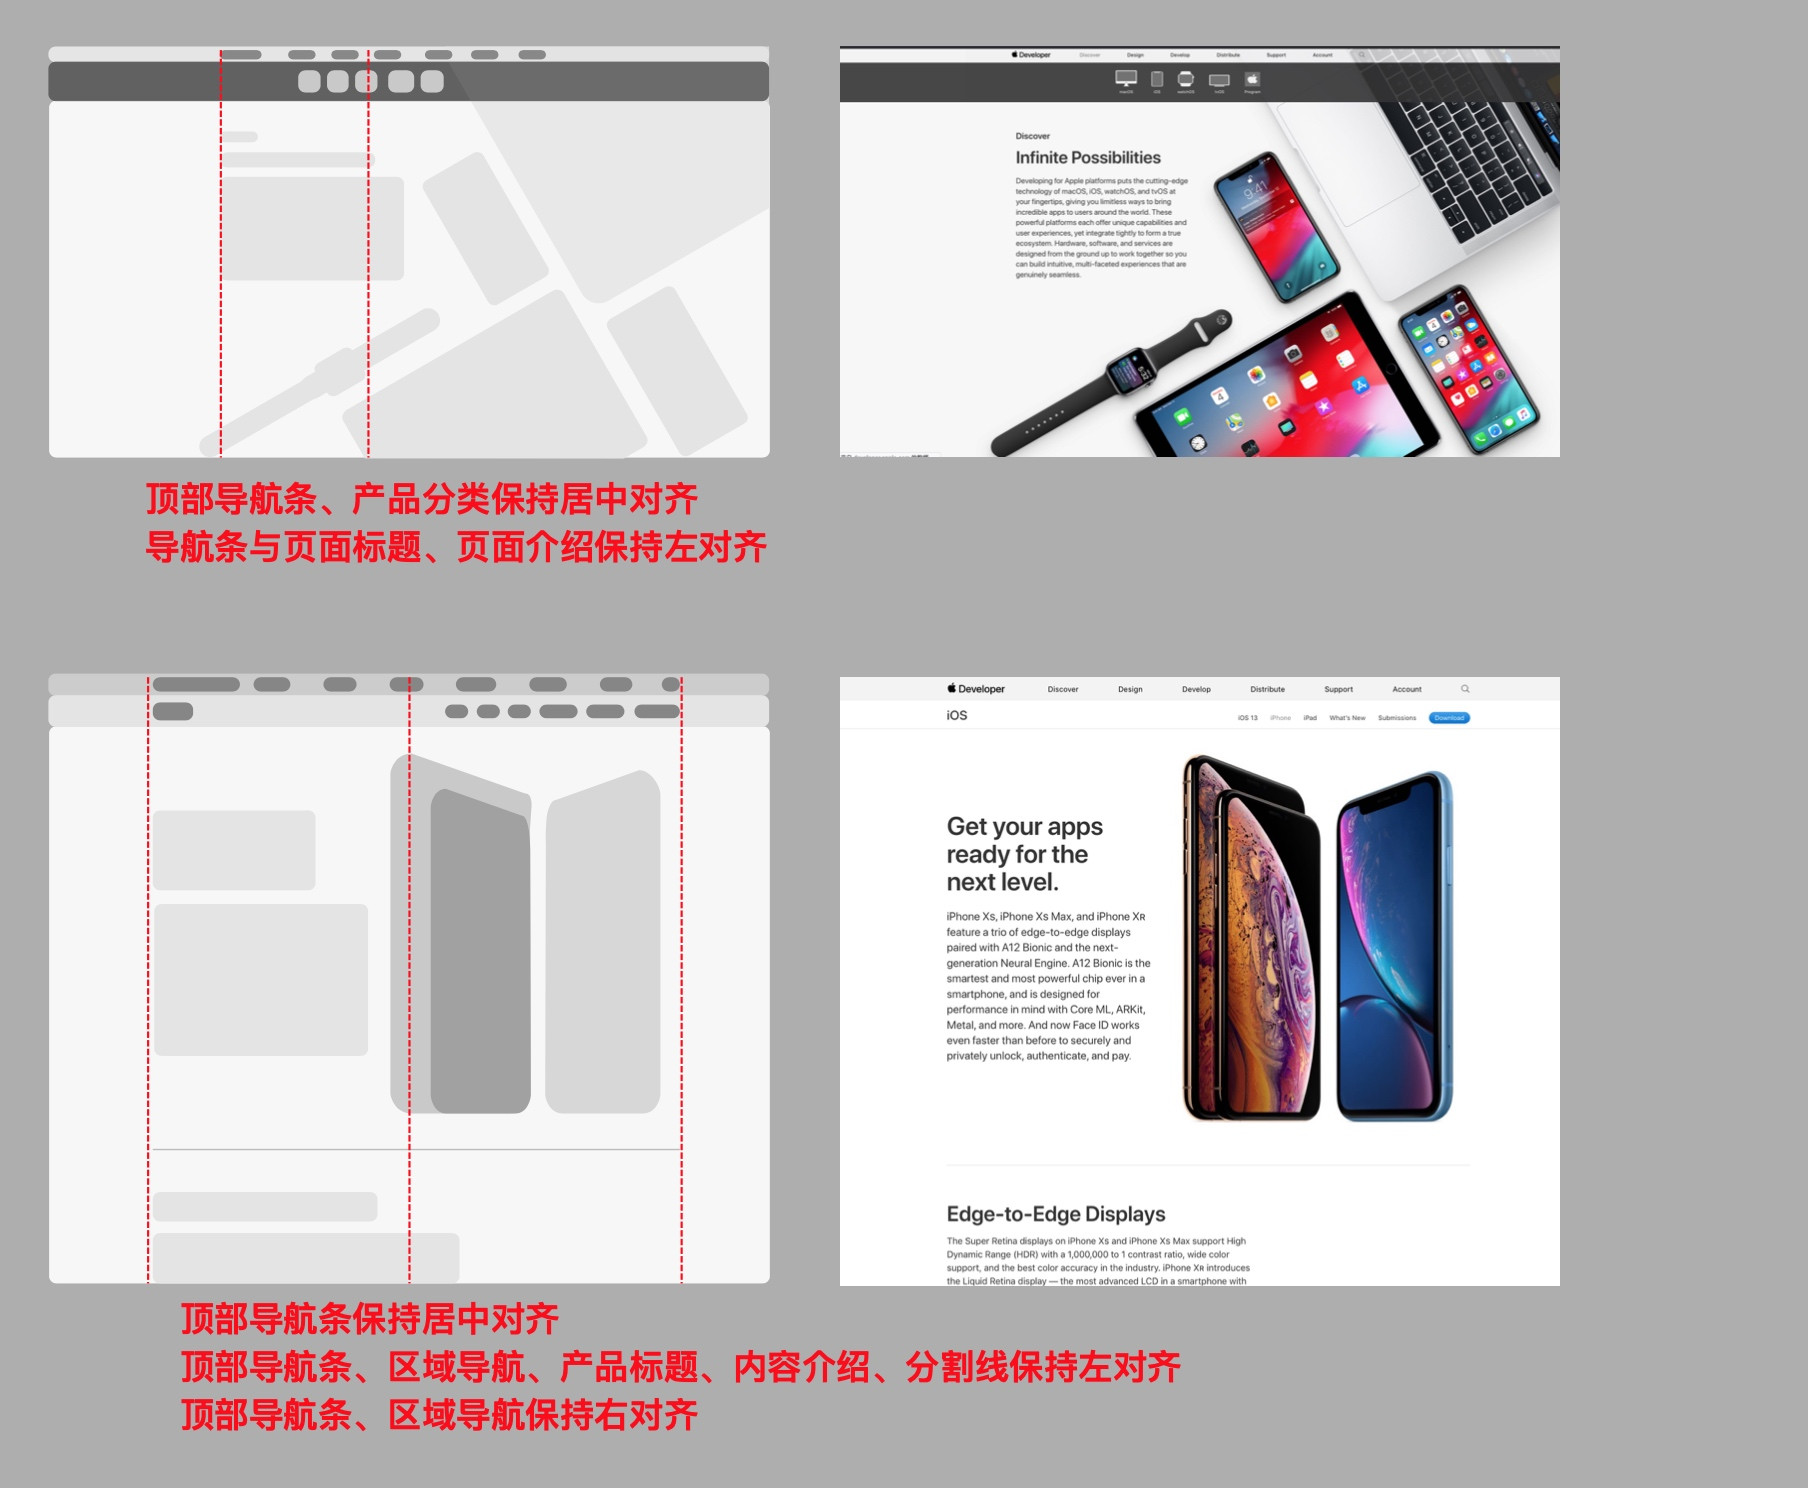 如何避免页面设计让用户产生疲惫感